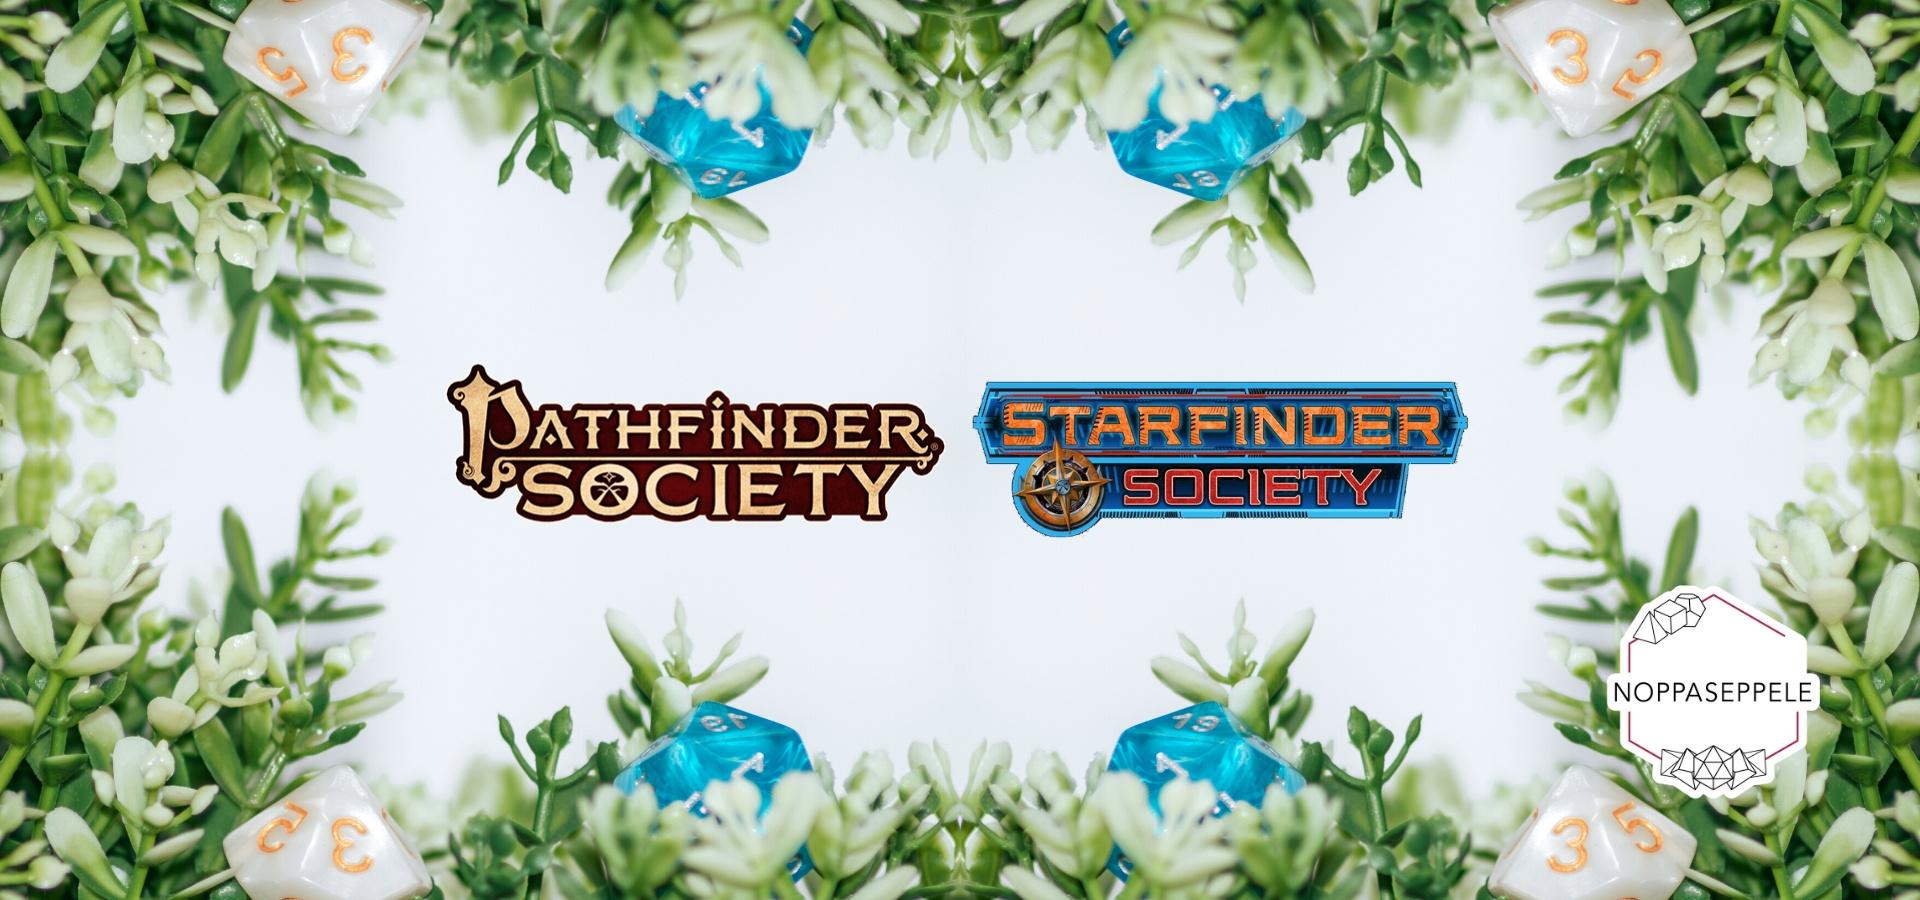 Pathfinder ja Starfinder Societyn logot, taustalla noppia ja viherkasveja